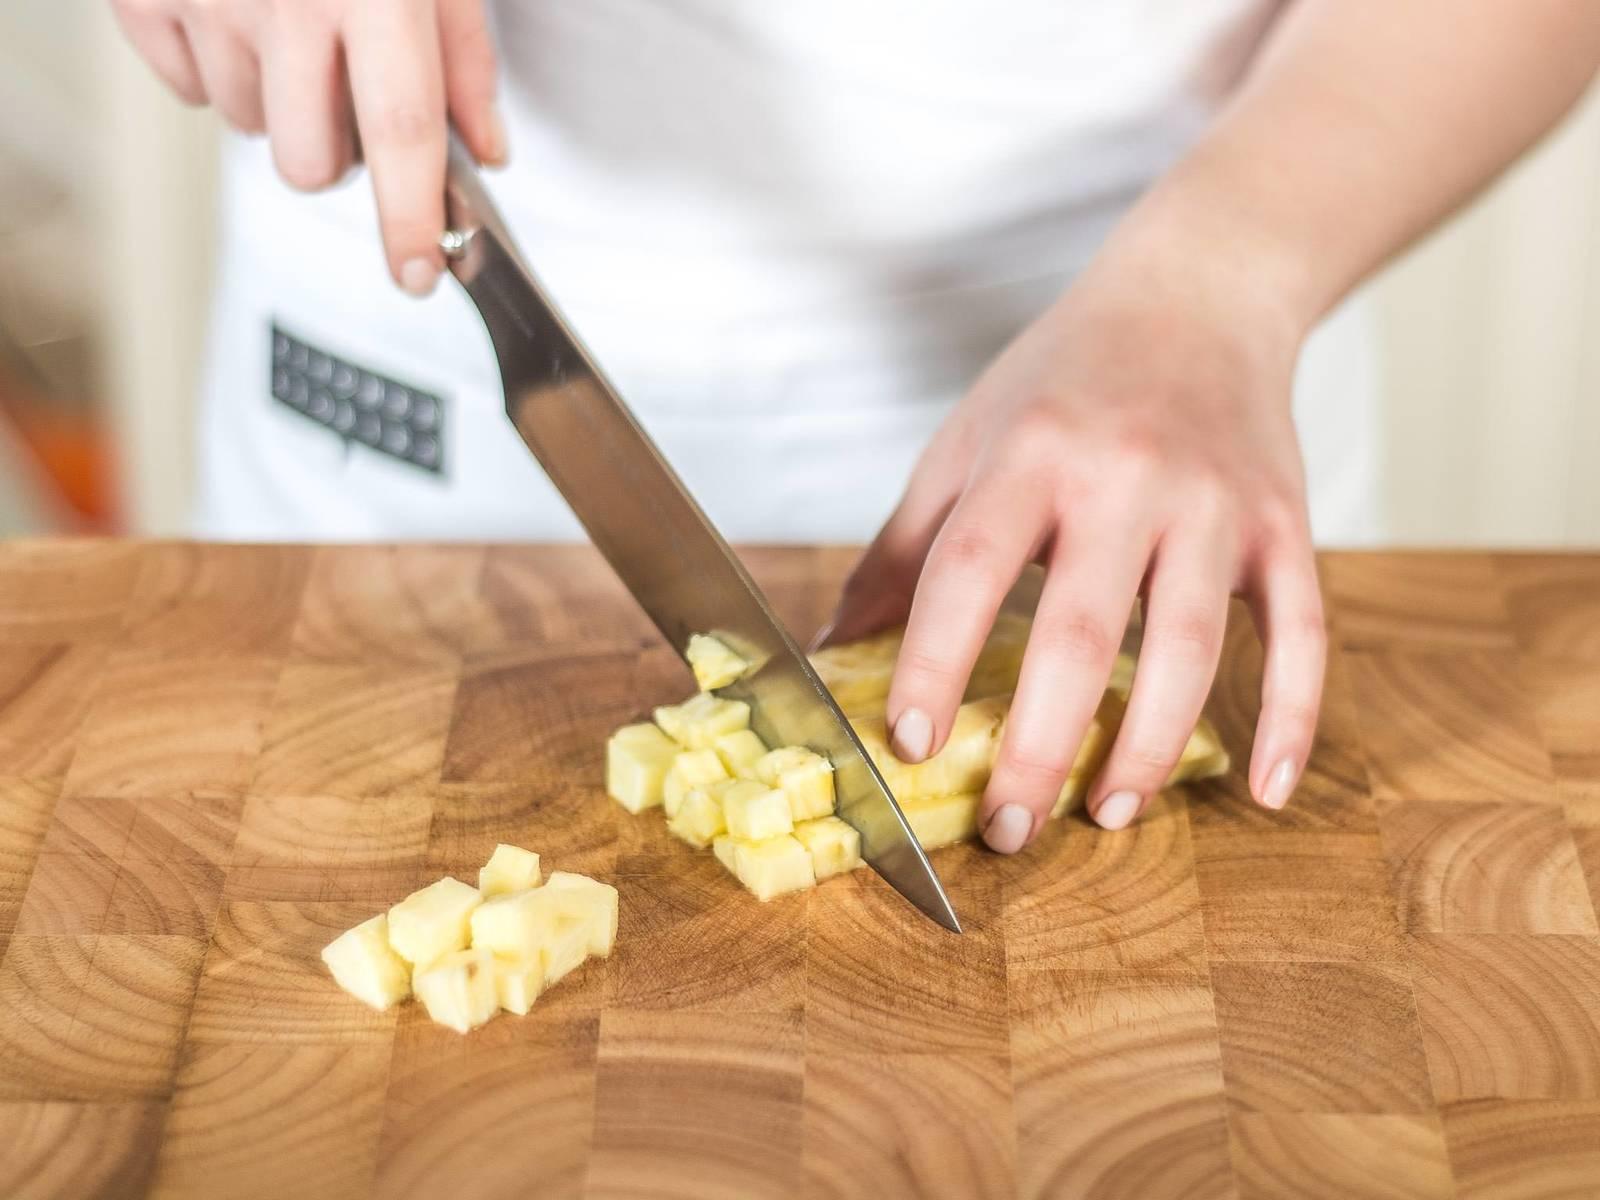 这期间,将菠萝去皮、去芯并切成小块。